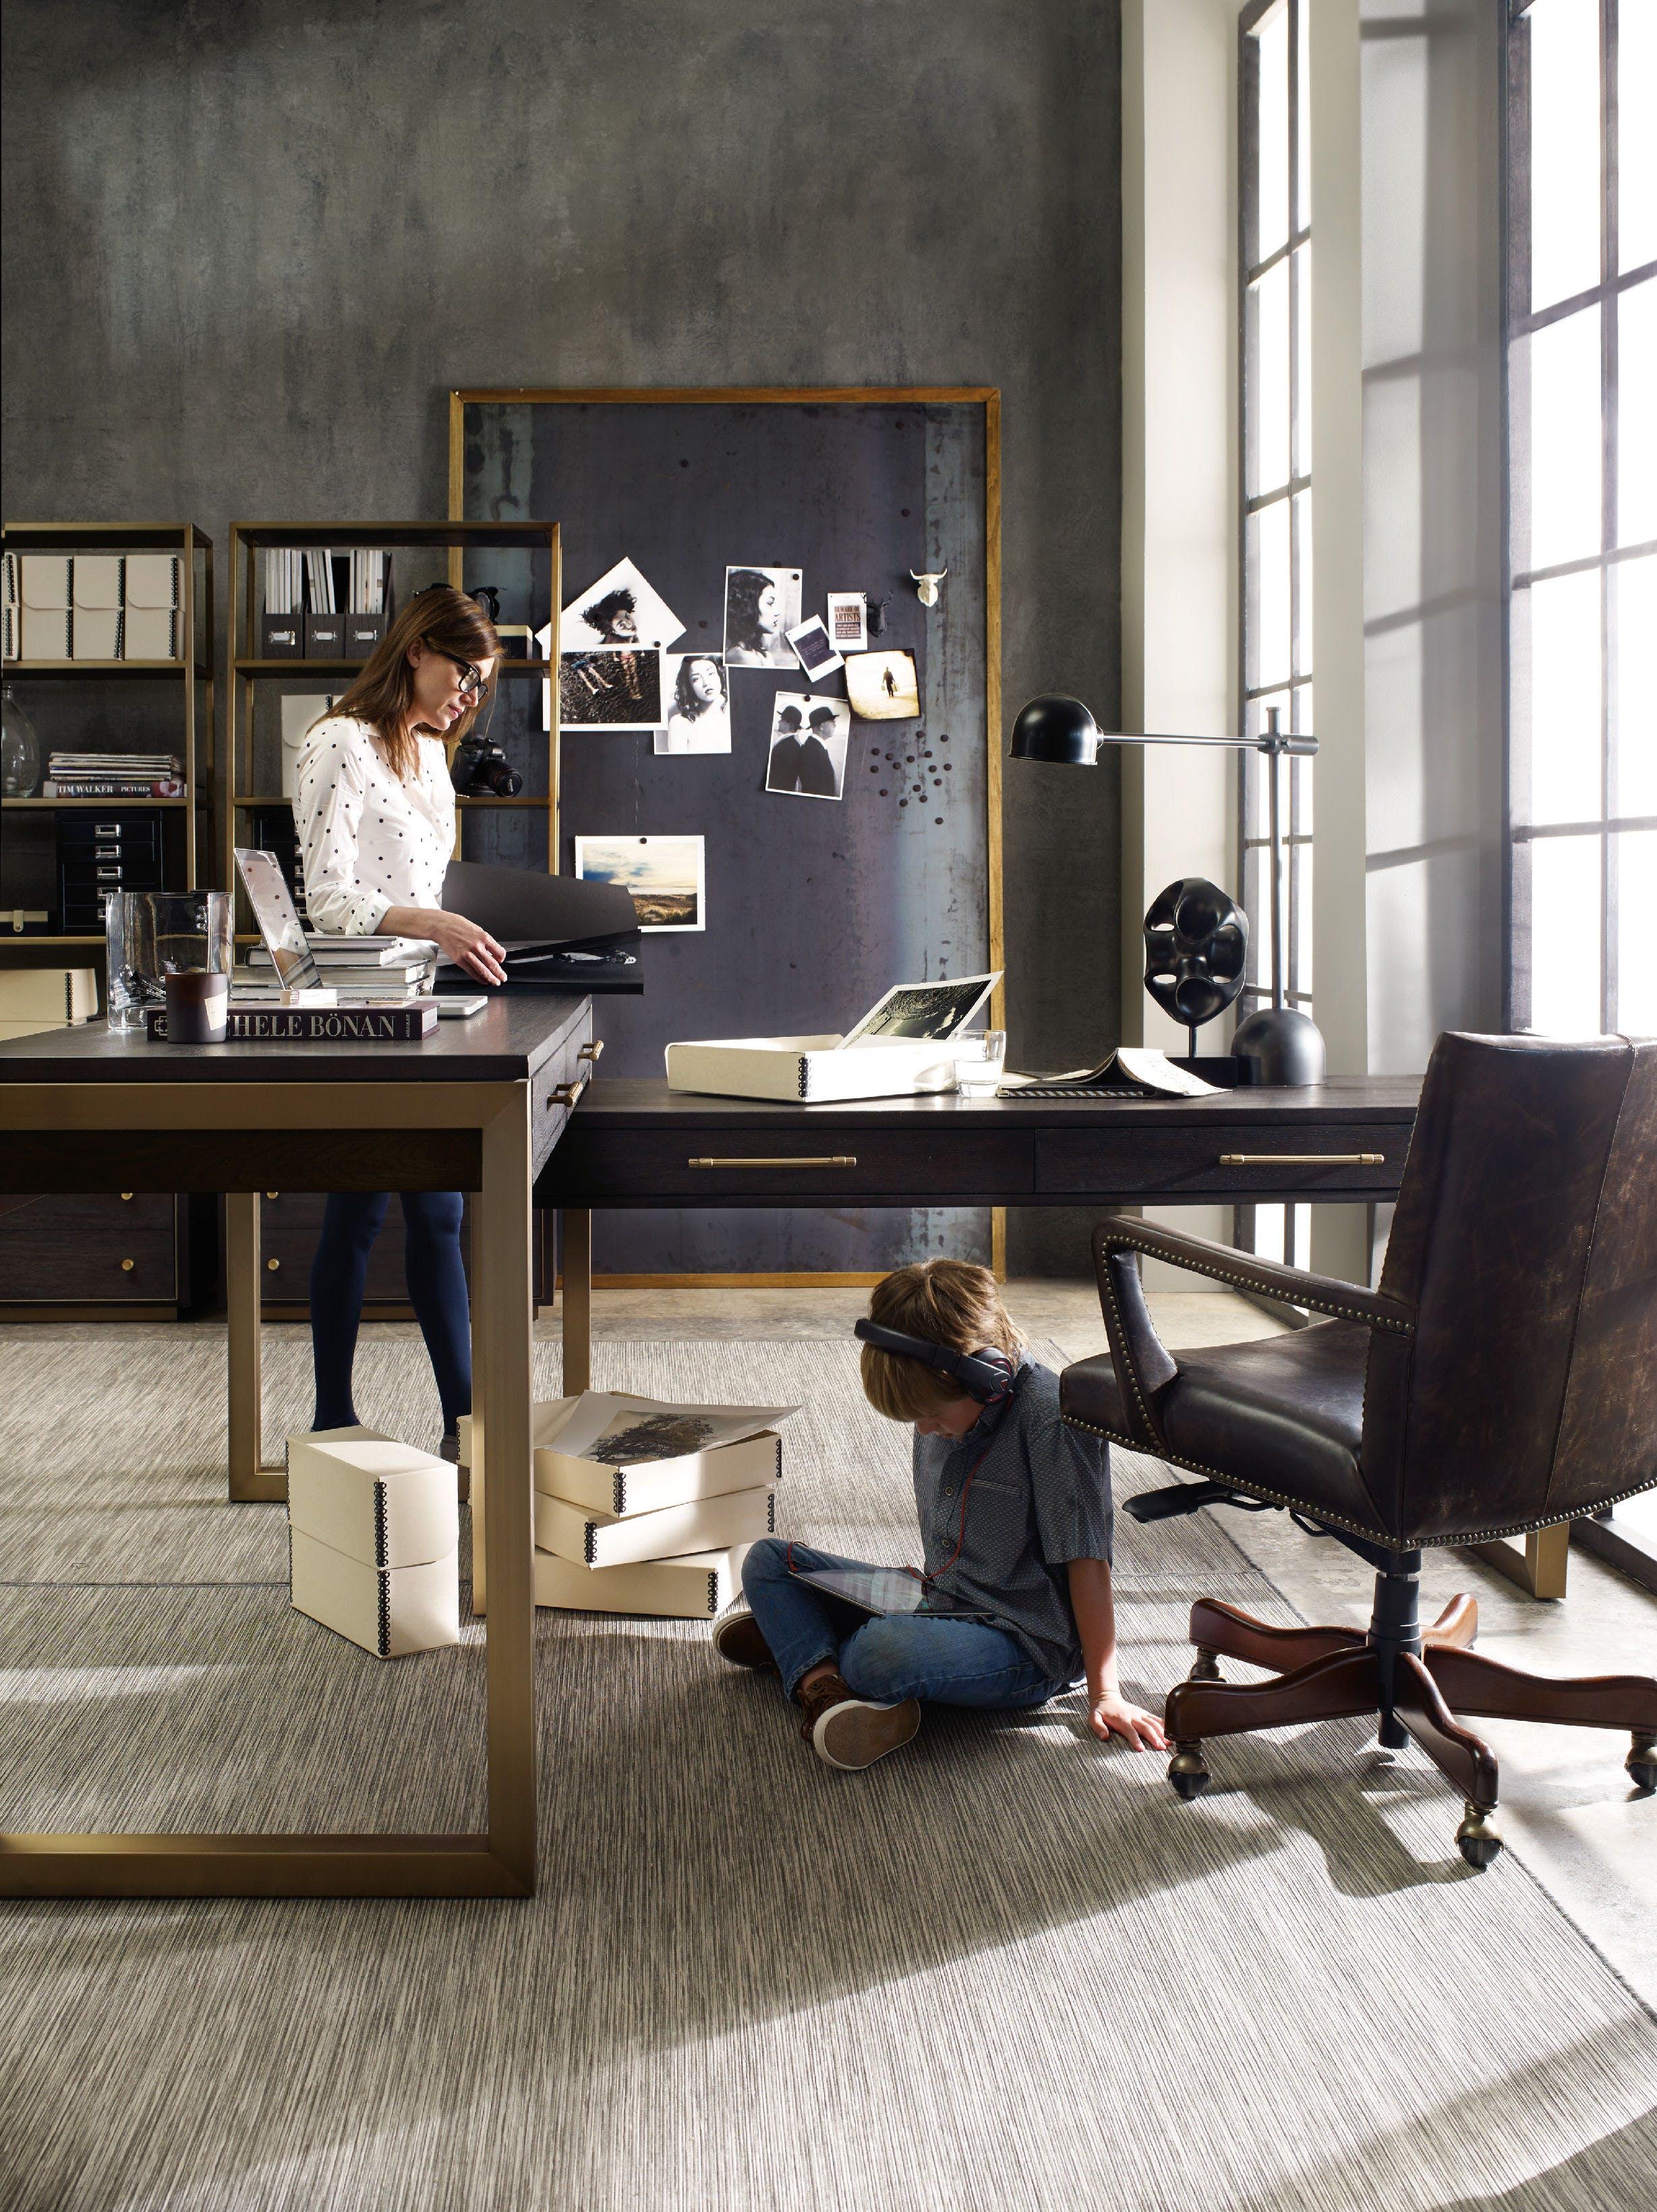 Matthews Interiors - Office Furniture - Hooker  1600-10453.jpg